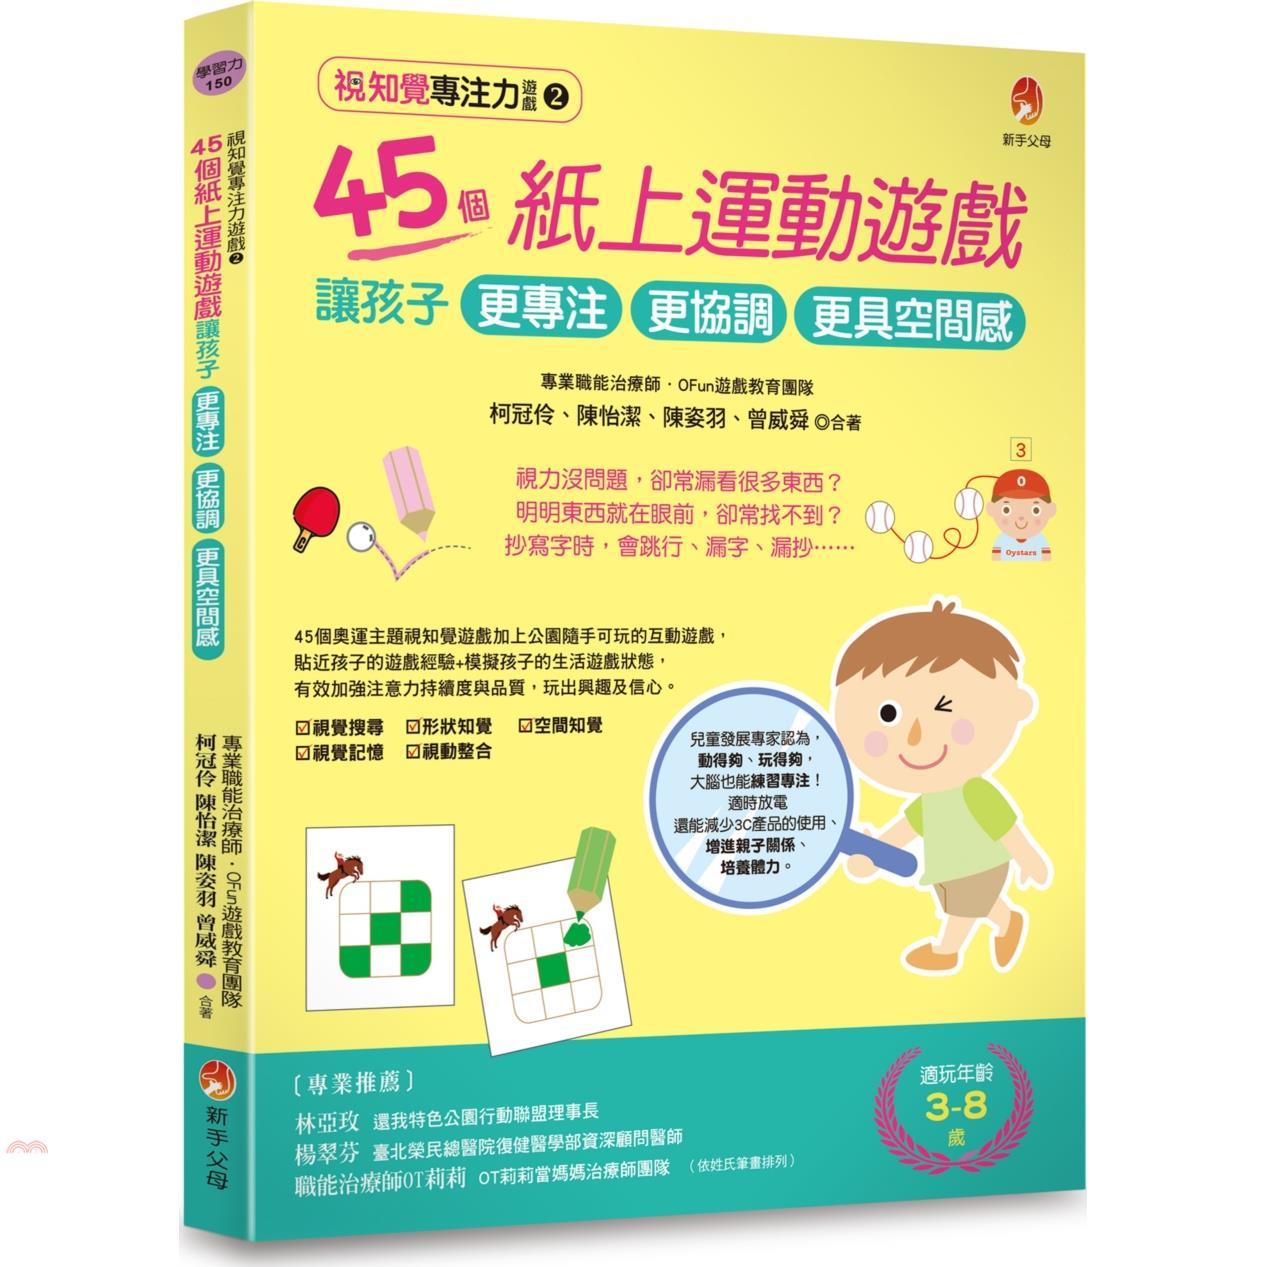 《新手父母》視知覺專注力遊戲02:45個紙上運動遊戲,讓孩子更專注、更協調、更具空間感[79折]